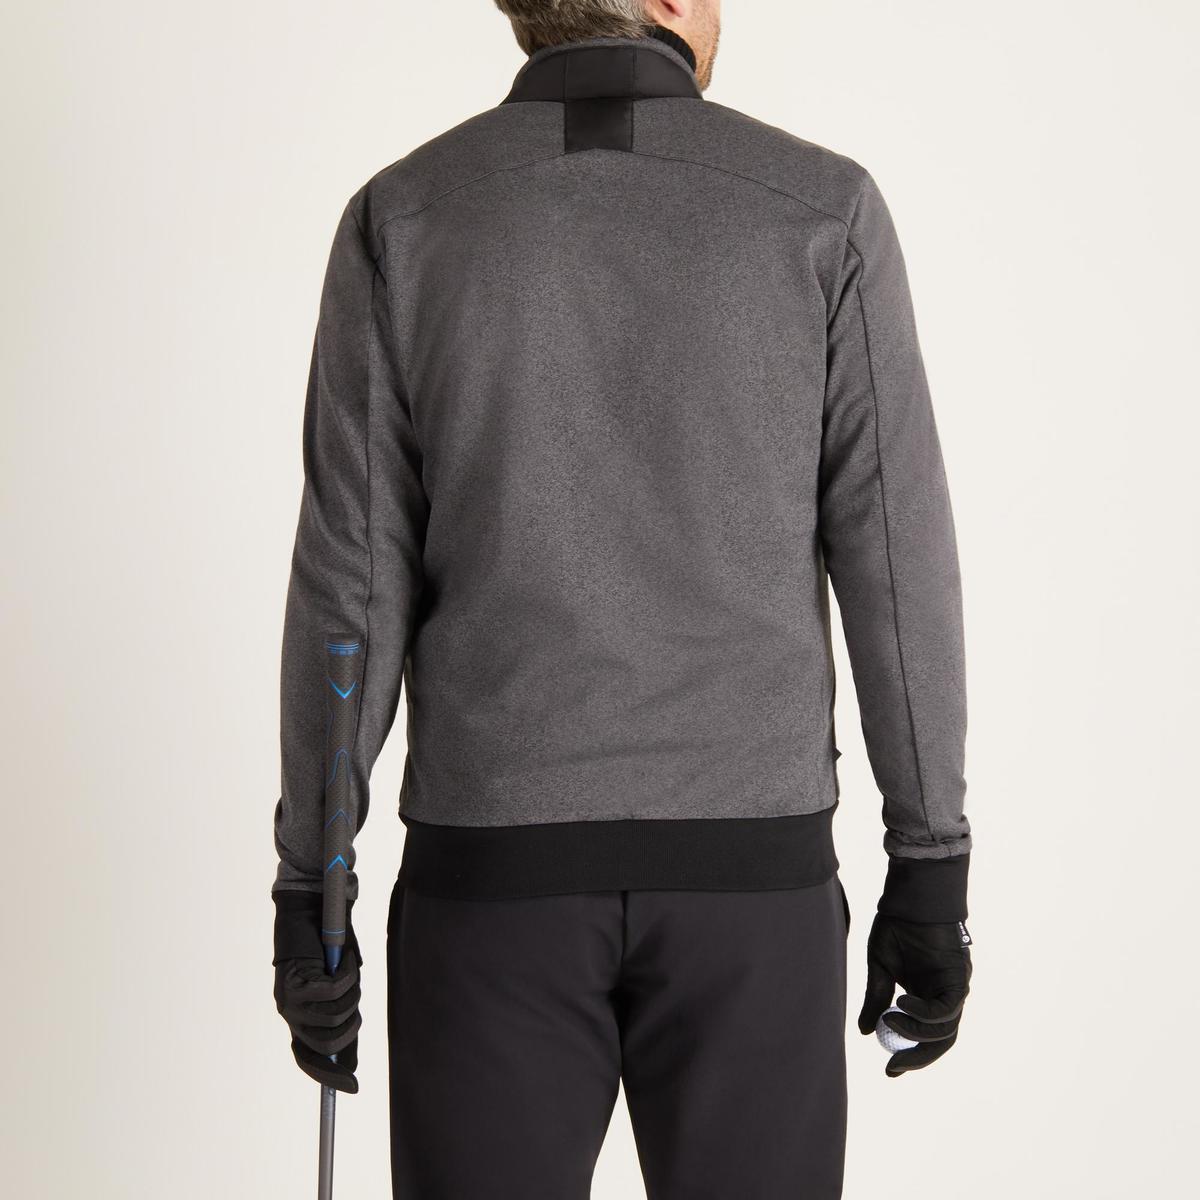 Bild 4 von Golf Wattierte Jacke kühle Witterungen Herren schwarz